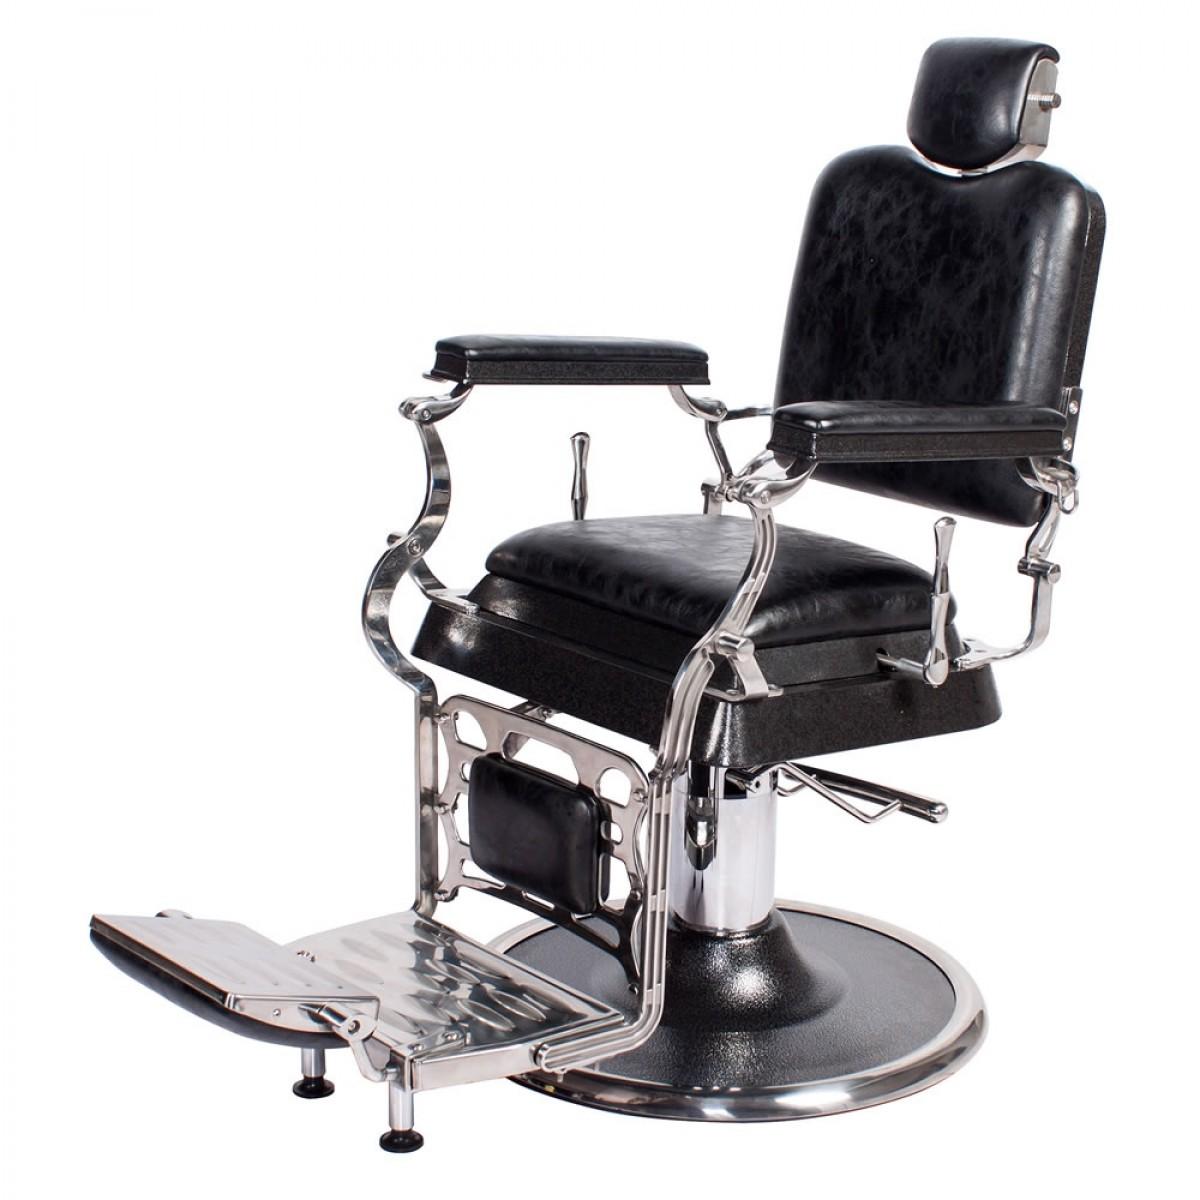 barber shop equipment, barber shop chairs, barber shop furniture